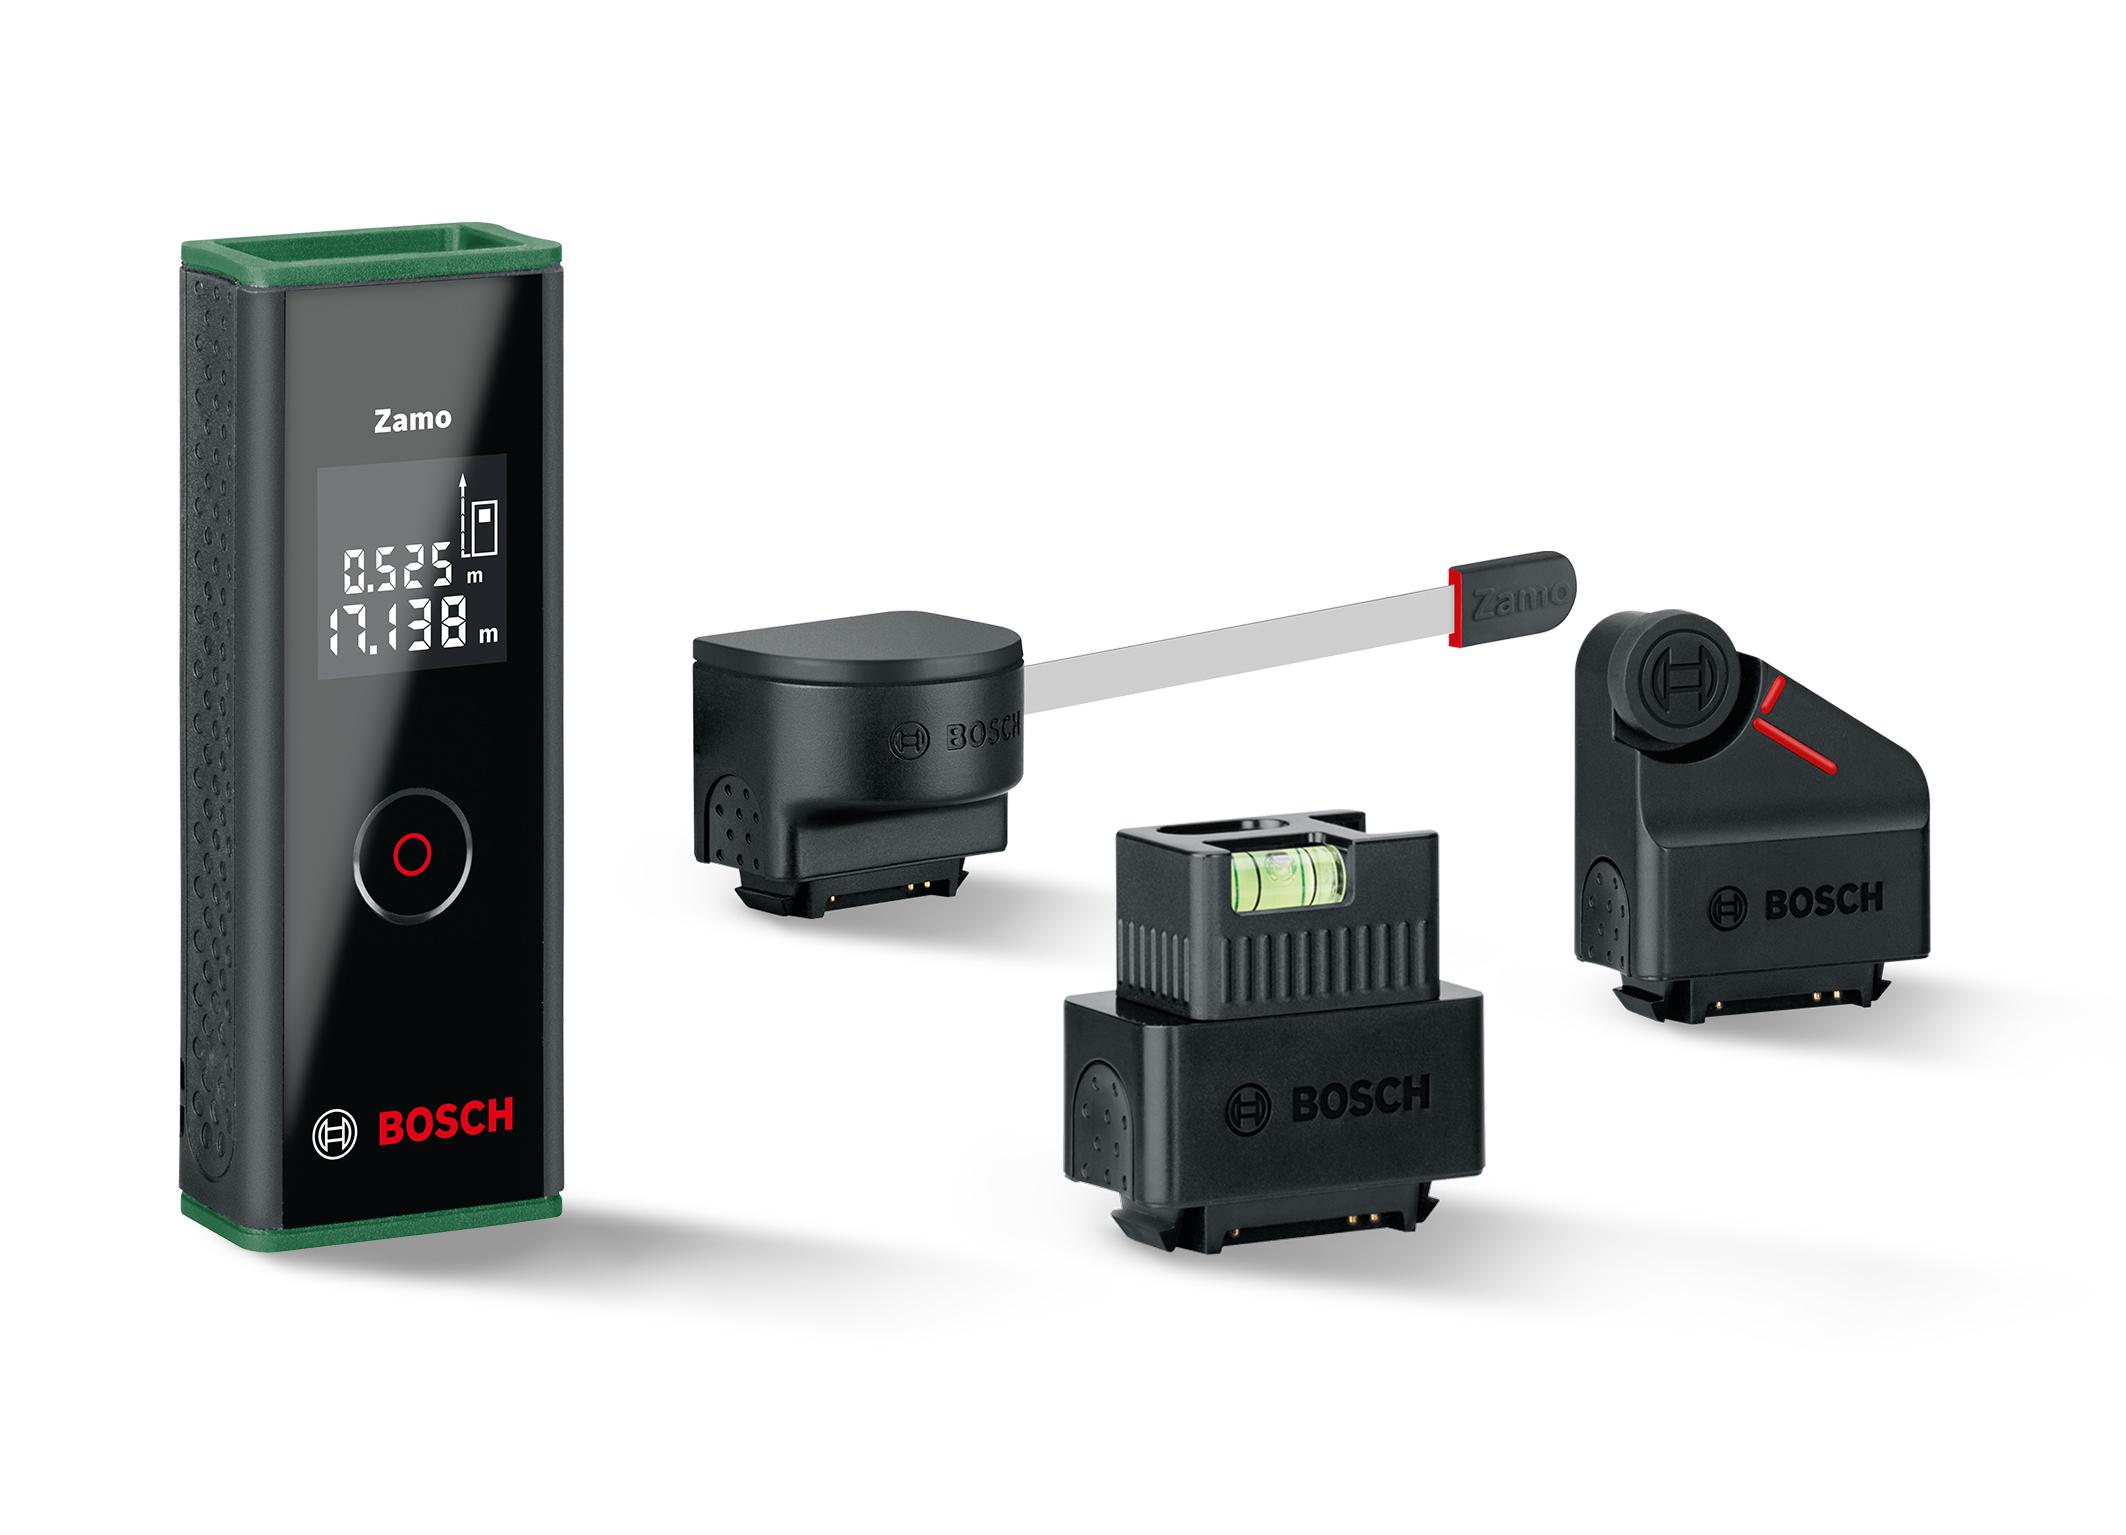 Bosch Entfernungsmesser Unterschiede : Flexibler als je zuvor: die neue zamo generation von bosch